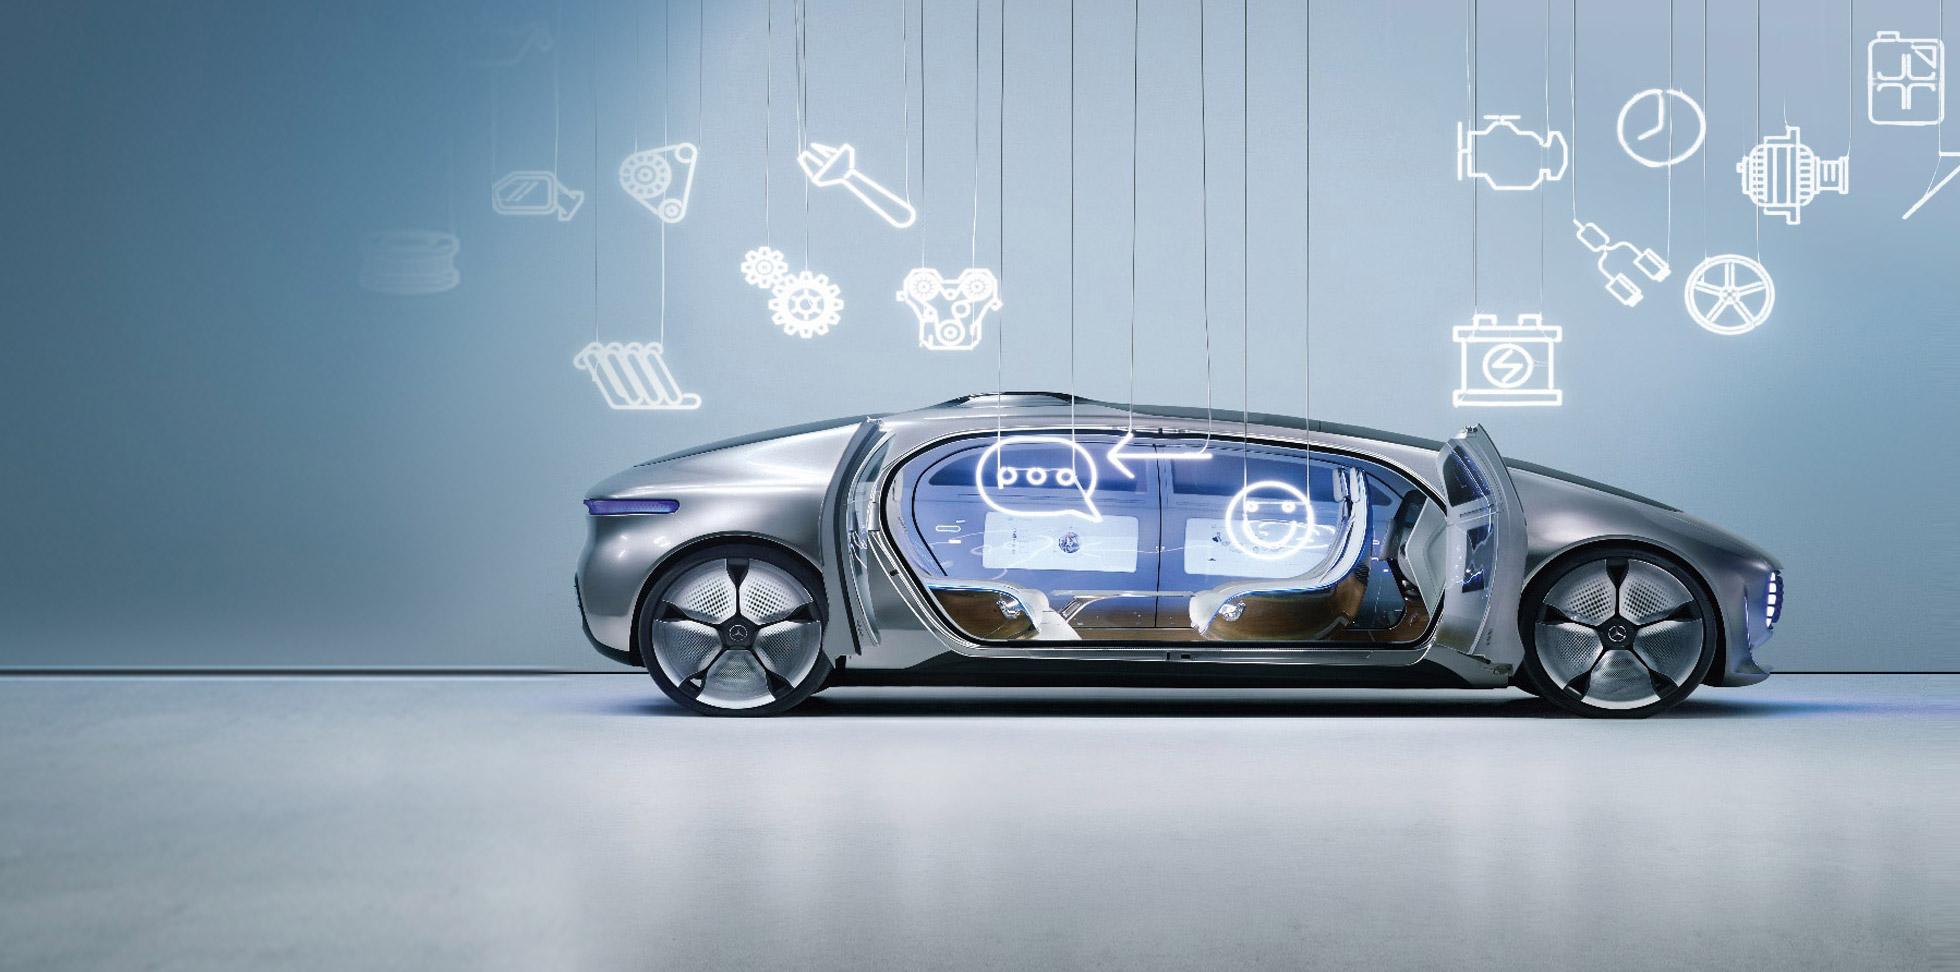 Per l'auto del futuro, non può bastarti un service del presente.